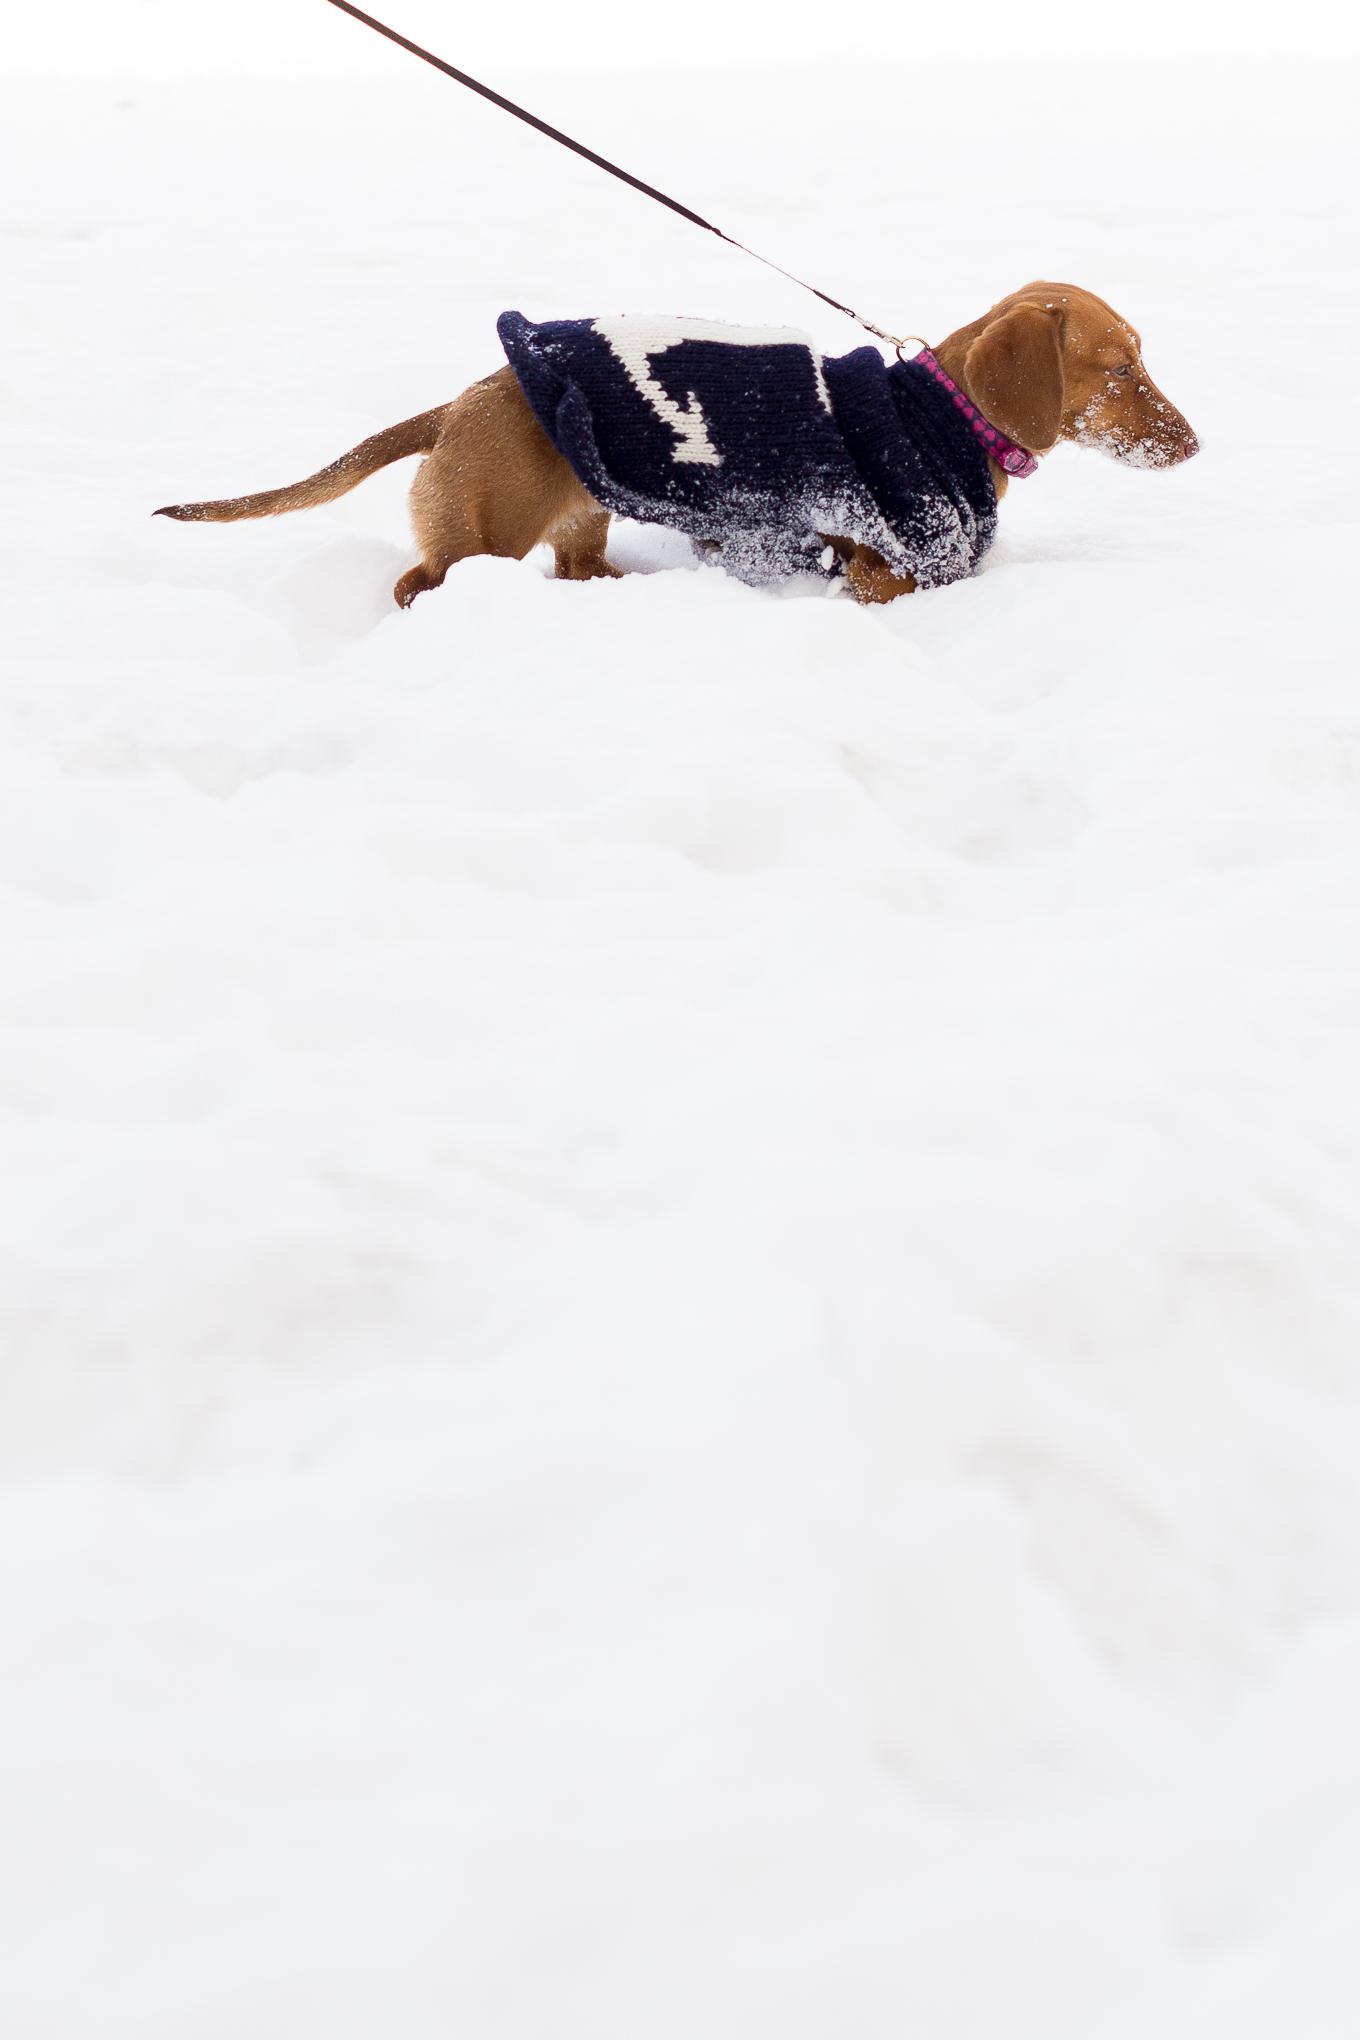 Noodle-Snow-4